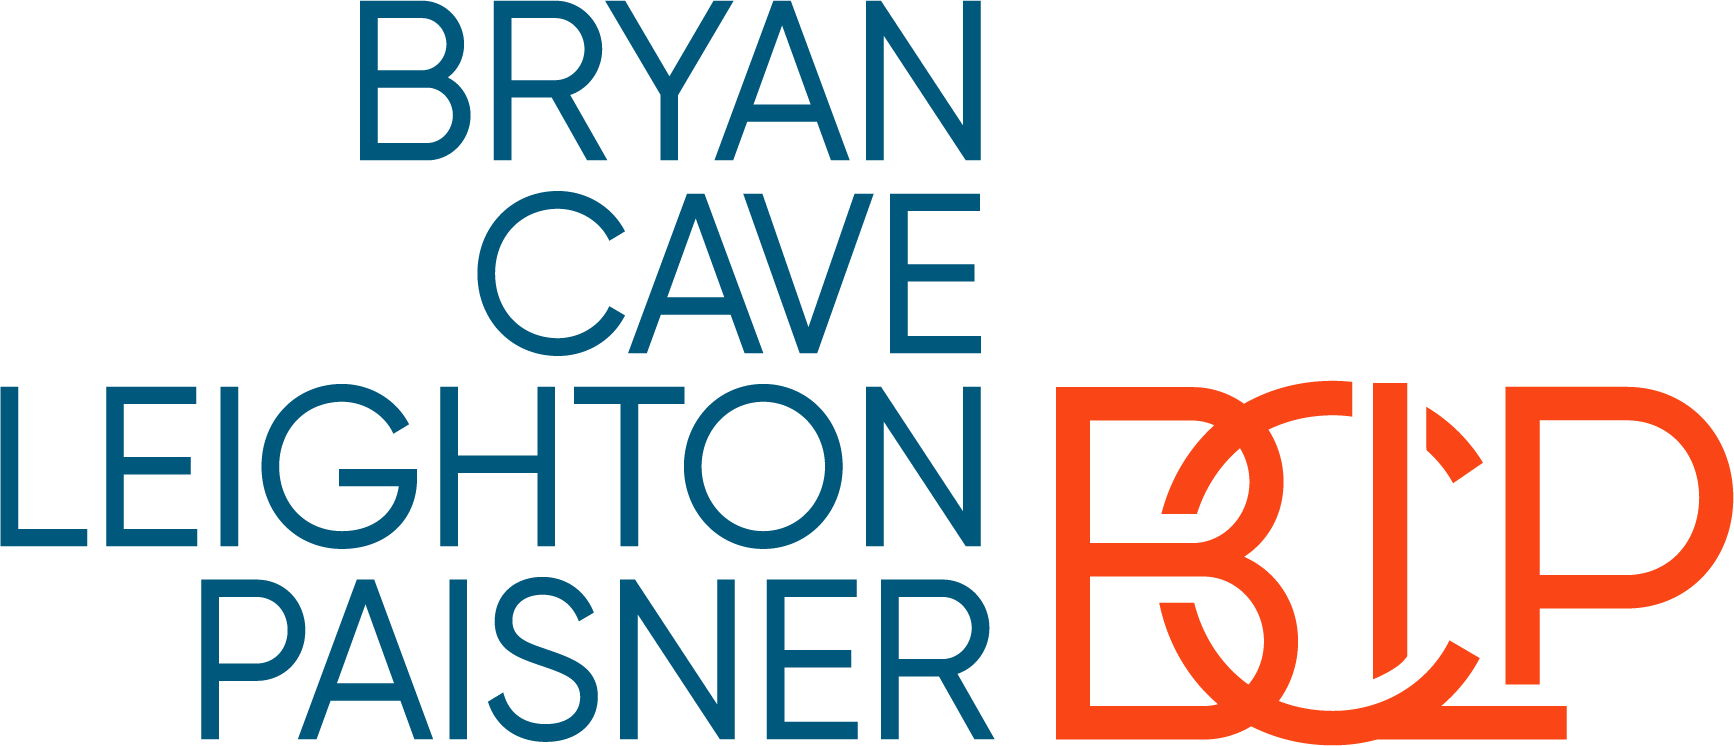 Bryan Cave Leighton Paisner logo.png